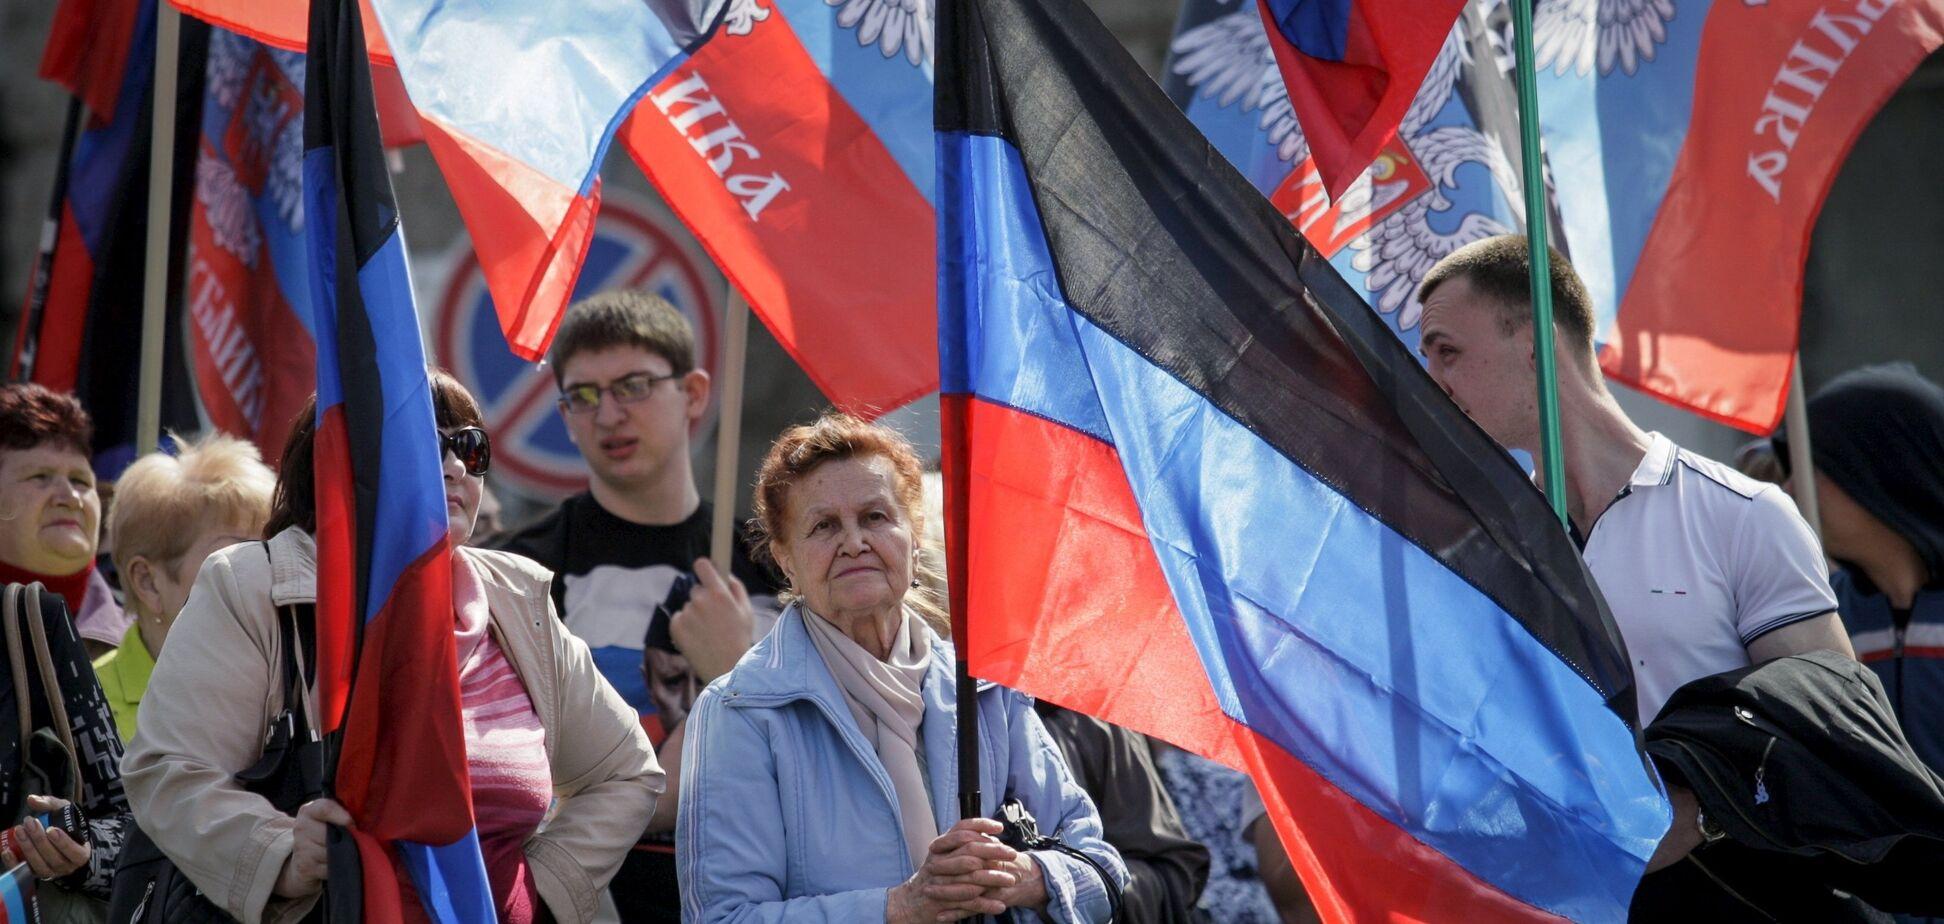 Хотят в Украину: стало известно о настроениях в 'Л/ДНР'